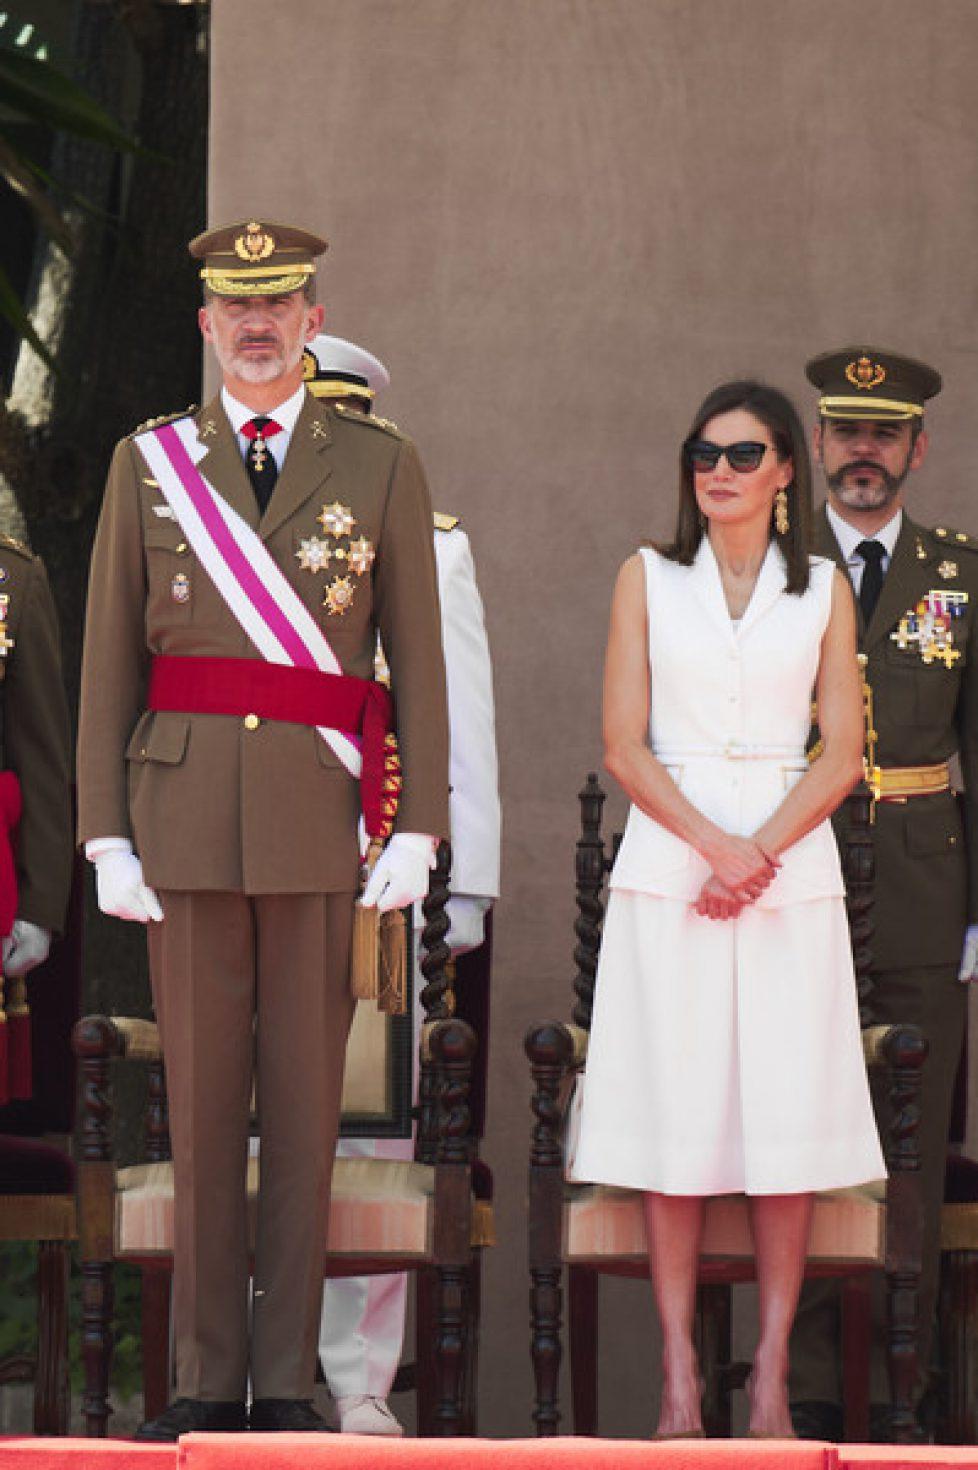 Spanish+Royals+Deliver+Real+Offices+Central+UDNcmaF9M0zl